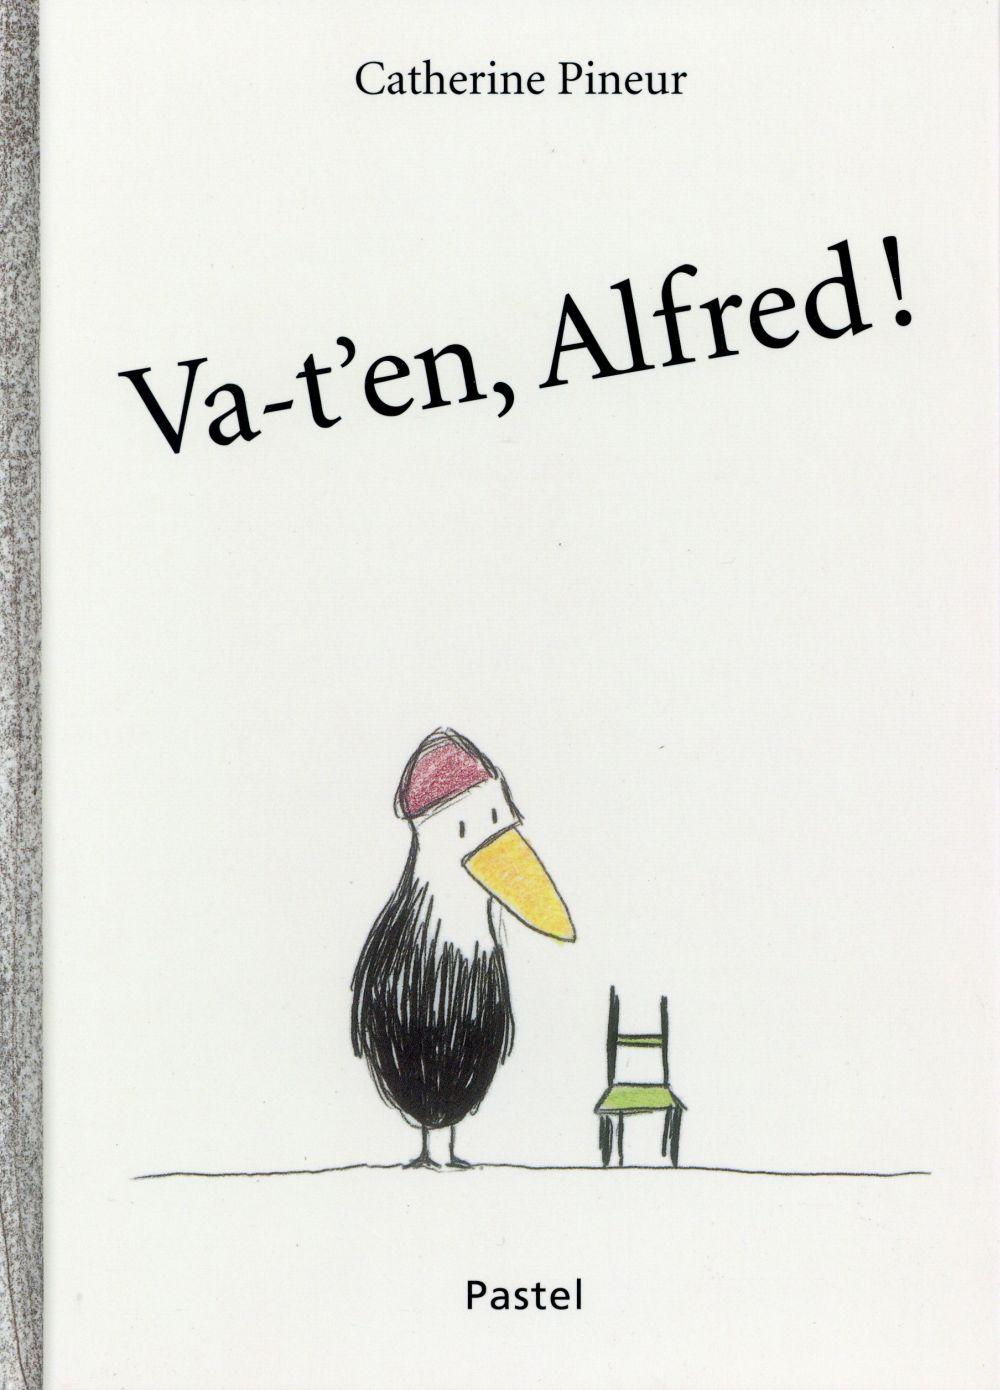 VA T EN ALFRED